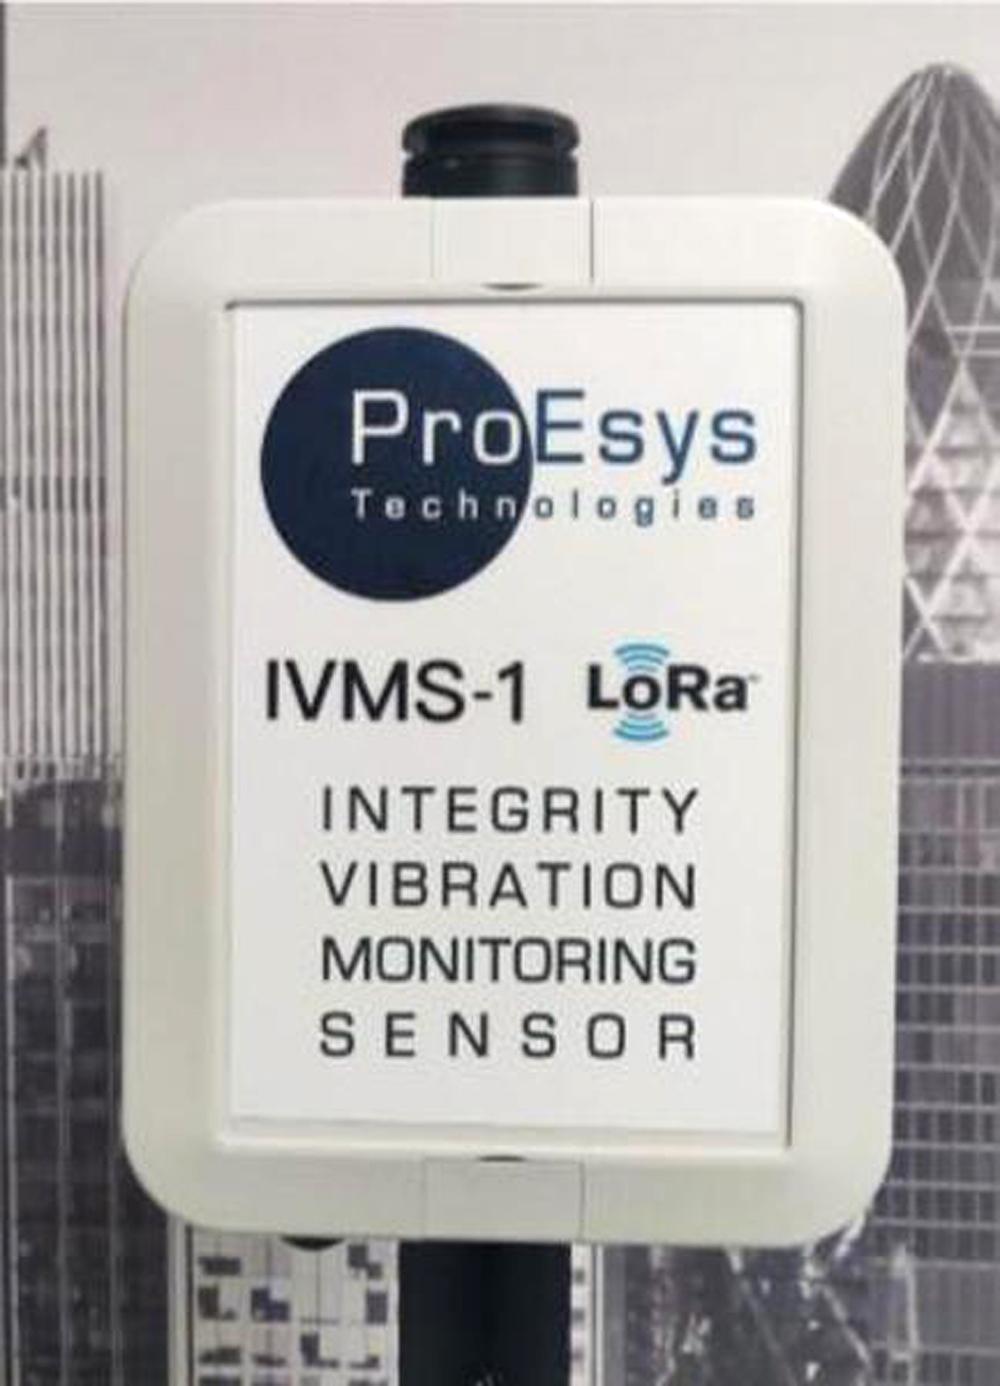 Il sensore per il monitoraggio di ponti e infrastrutture creato da Sabatella e Marini